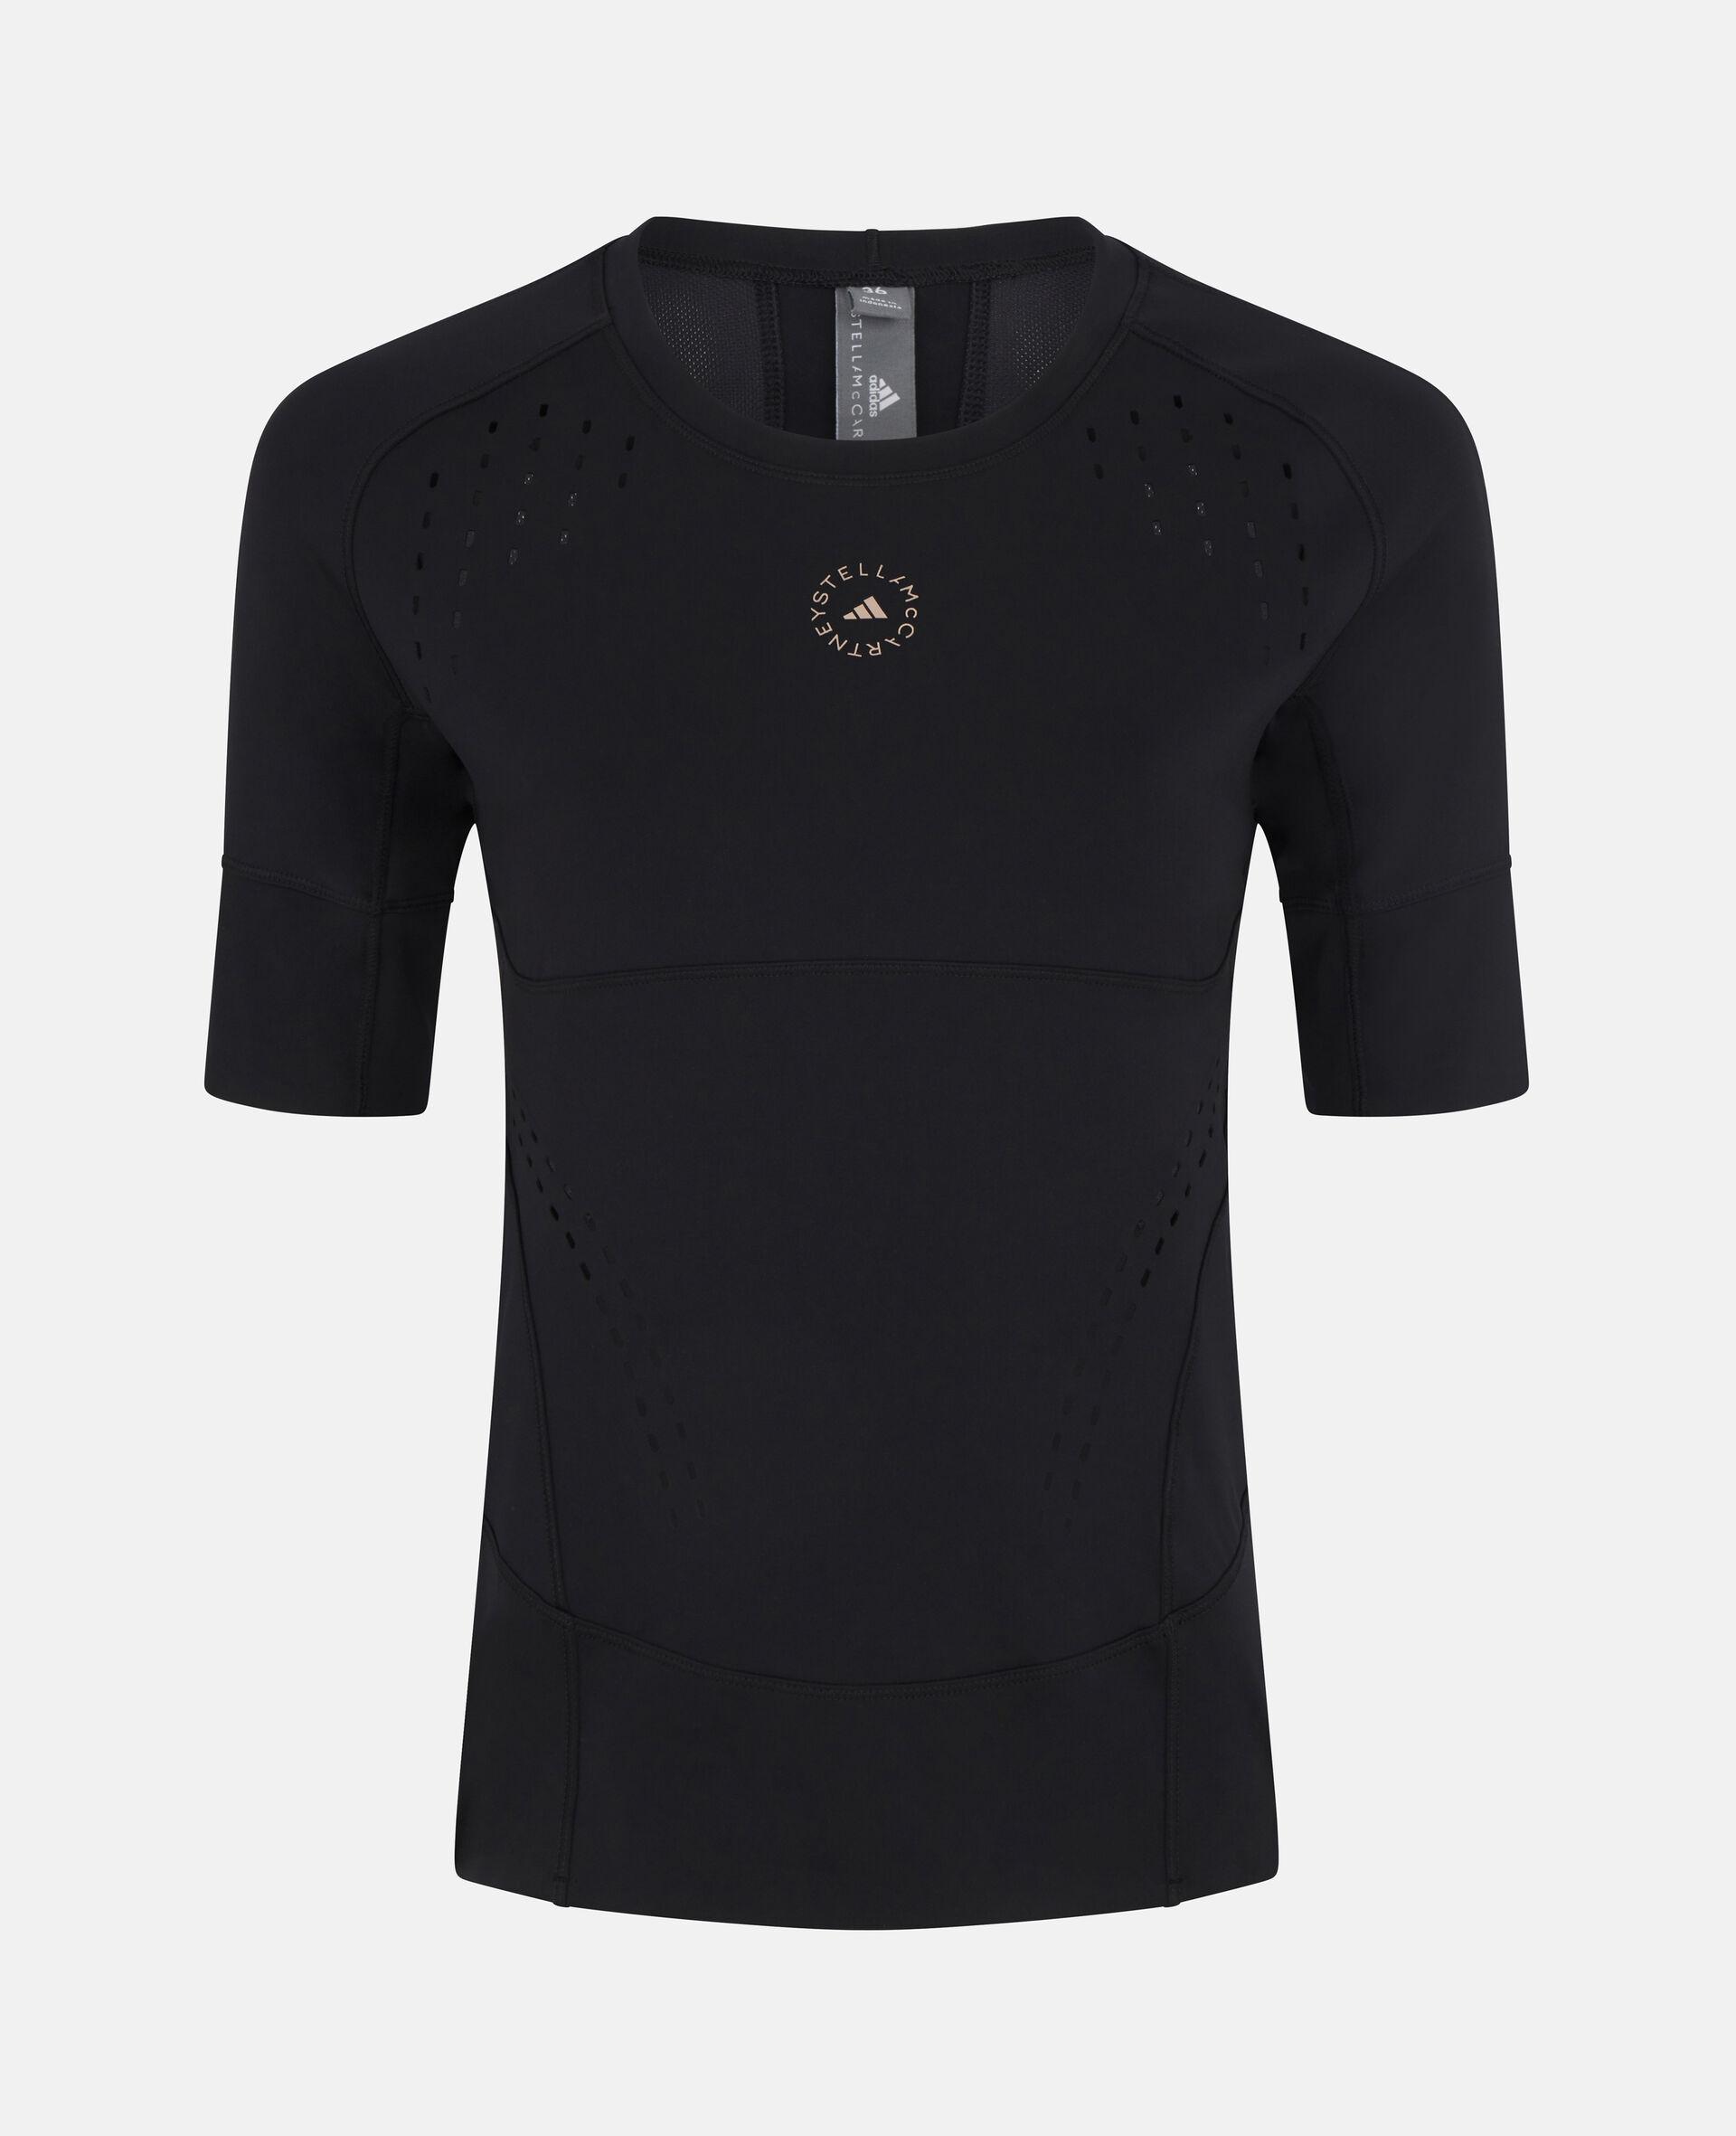 黑色 TruePurpose 训练 T 恤-黑色-large image number 0